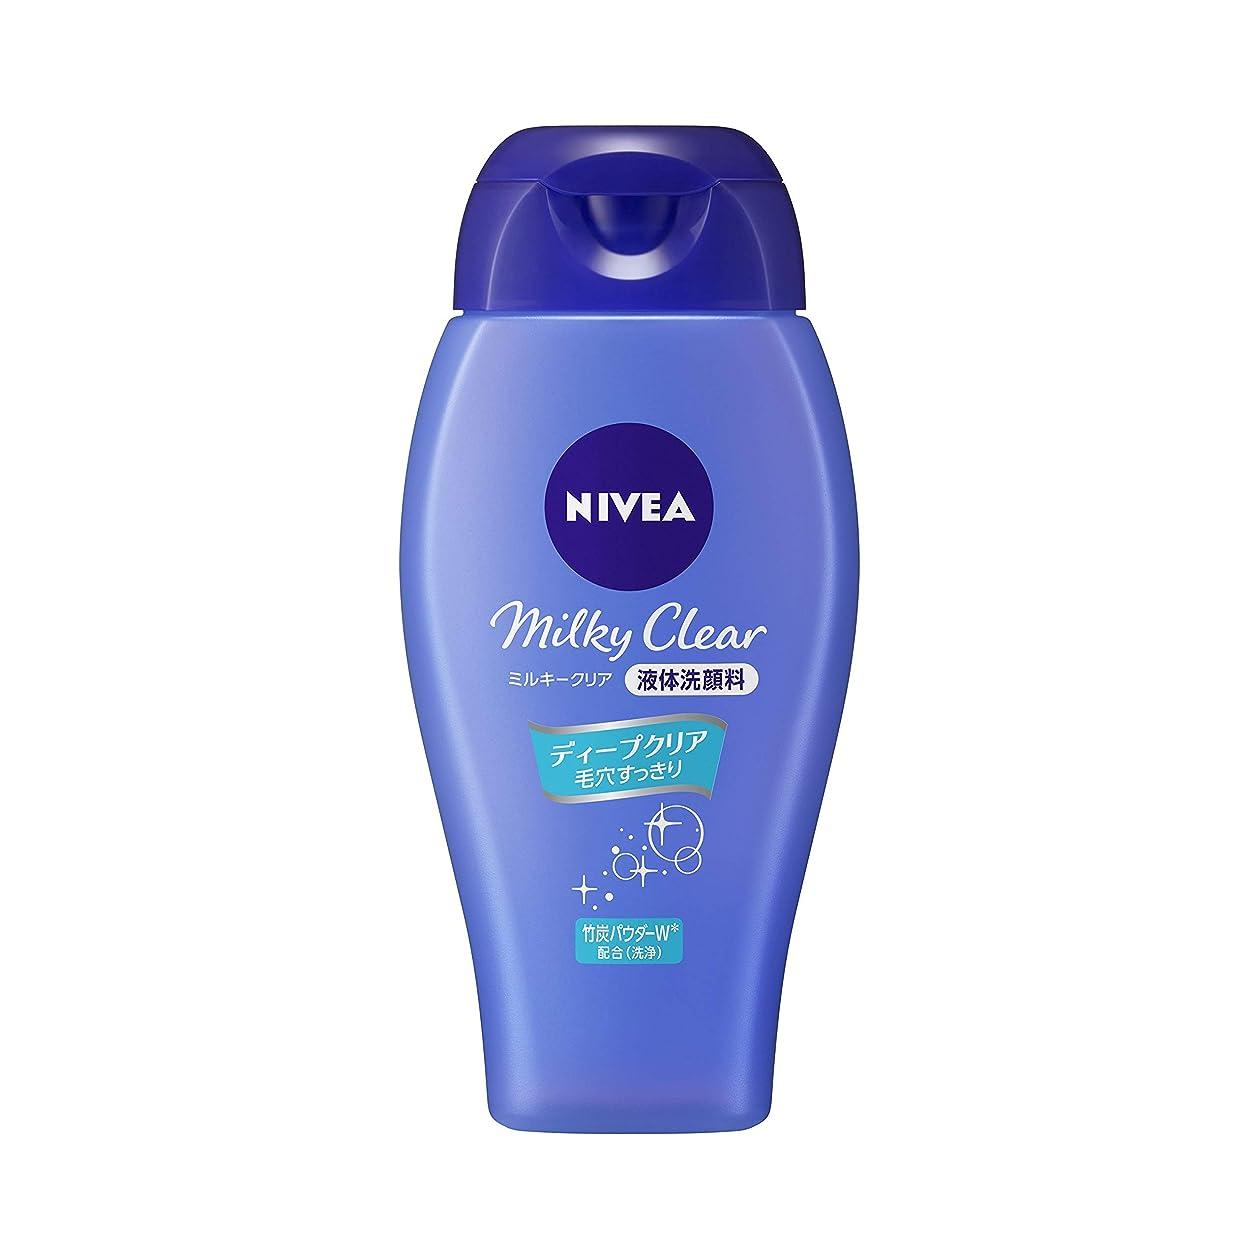 評判集中的なスイングニベア ミルキークリア洗顔料 ディープクリア 本体 シトラスハーブの香り 150ml